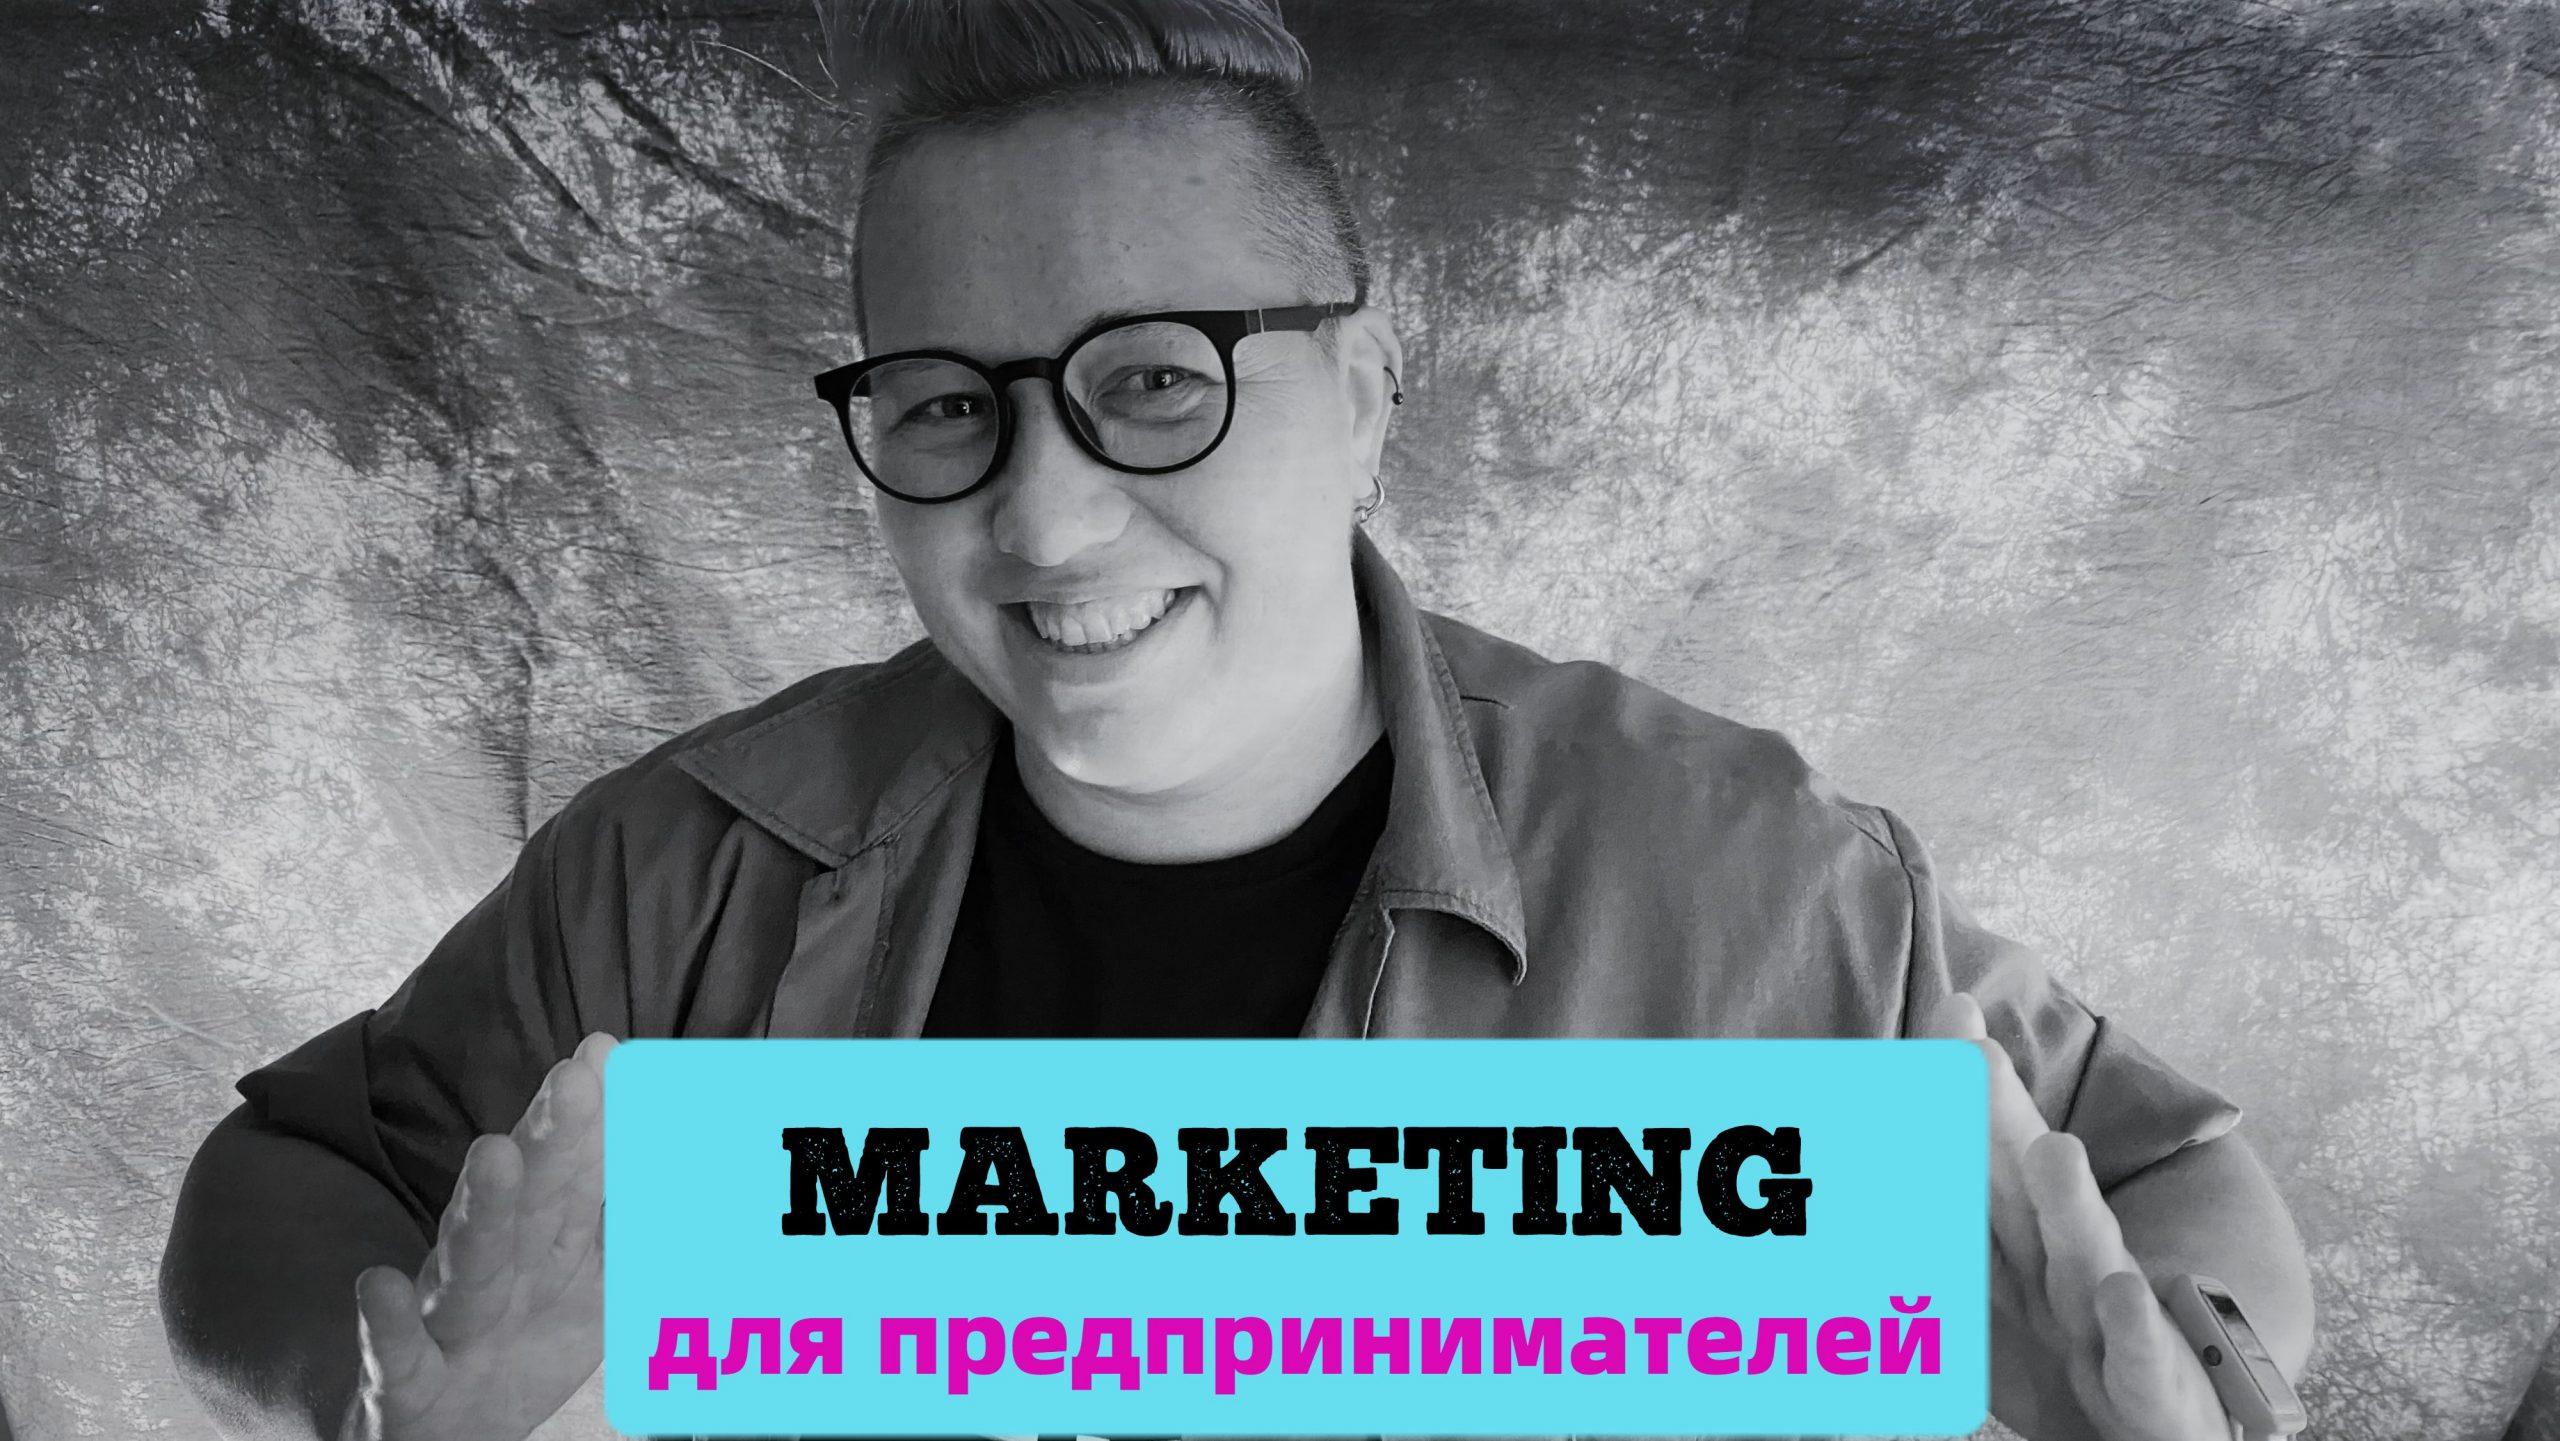 маркетинг тренер держит табличку маркетинг для предпринимателей